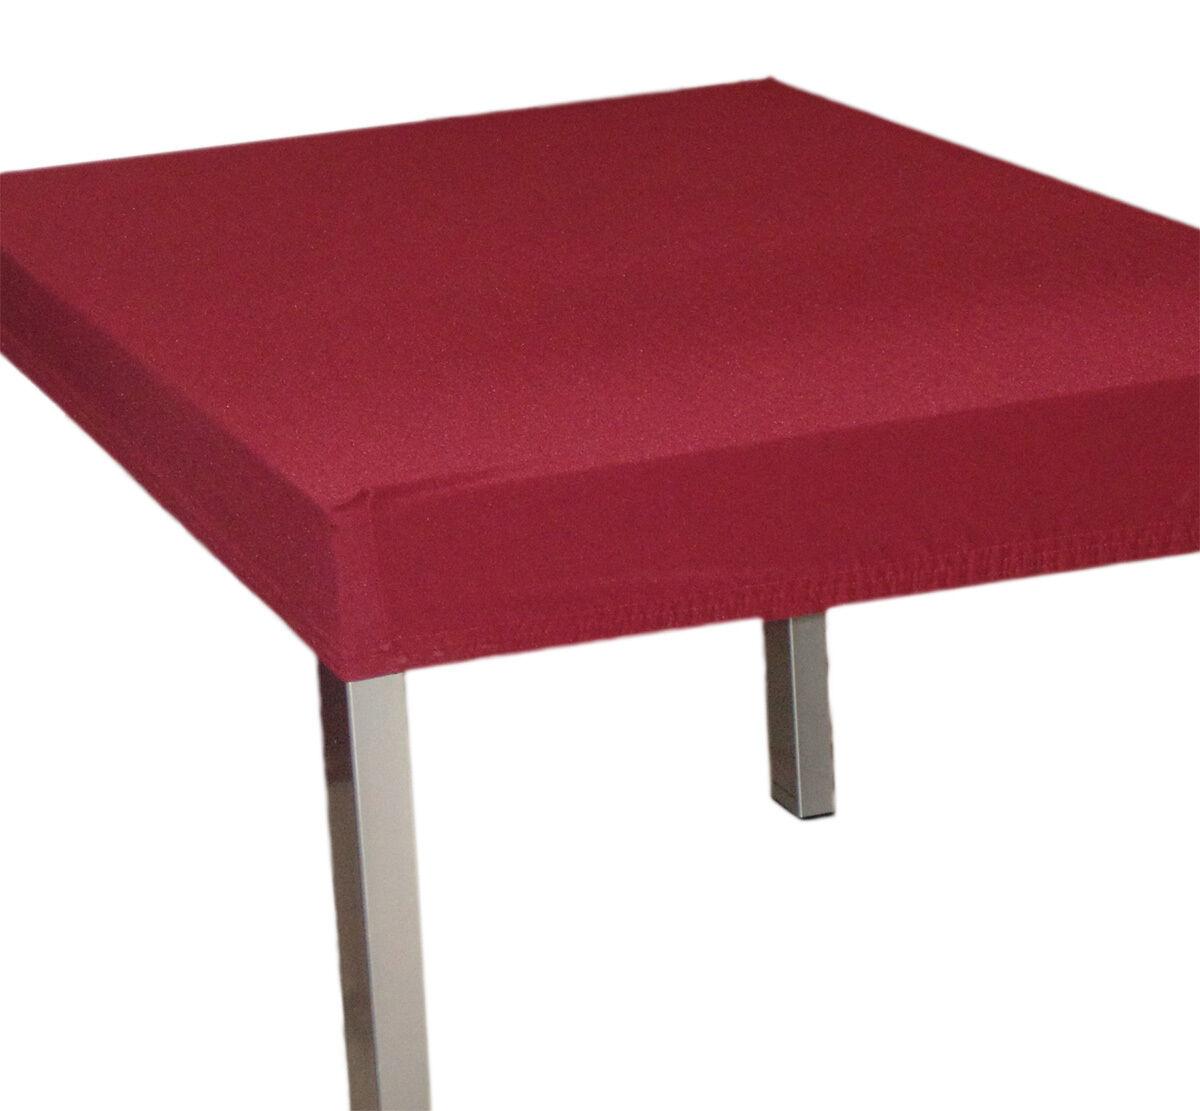 Copritavolo mollettone tovaglia elastico quadrato x tavola 4 bordeaux 85x85 ebay - Mollettone per tavolo ...